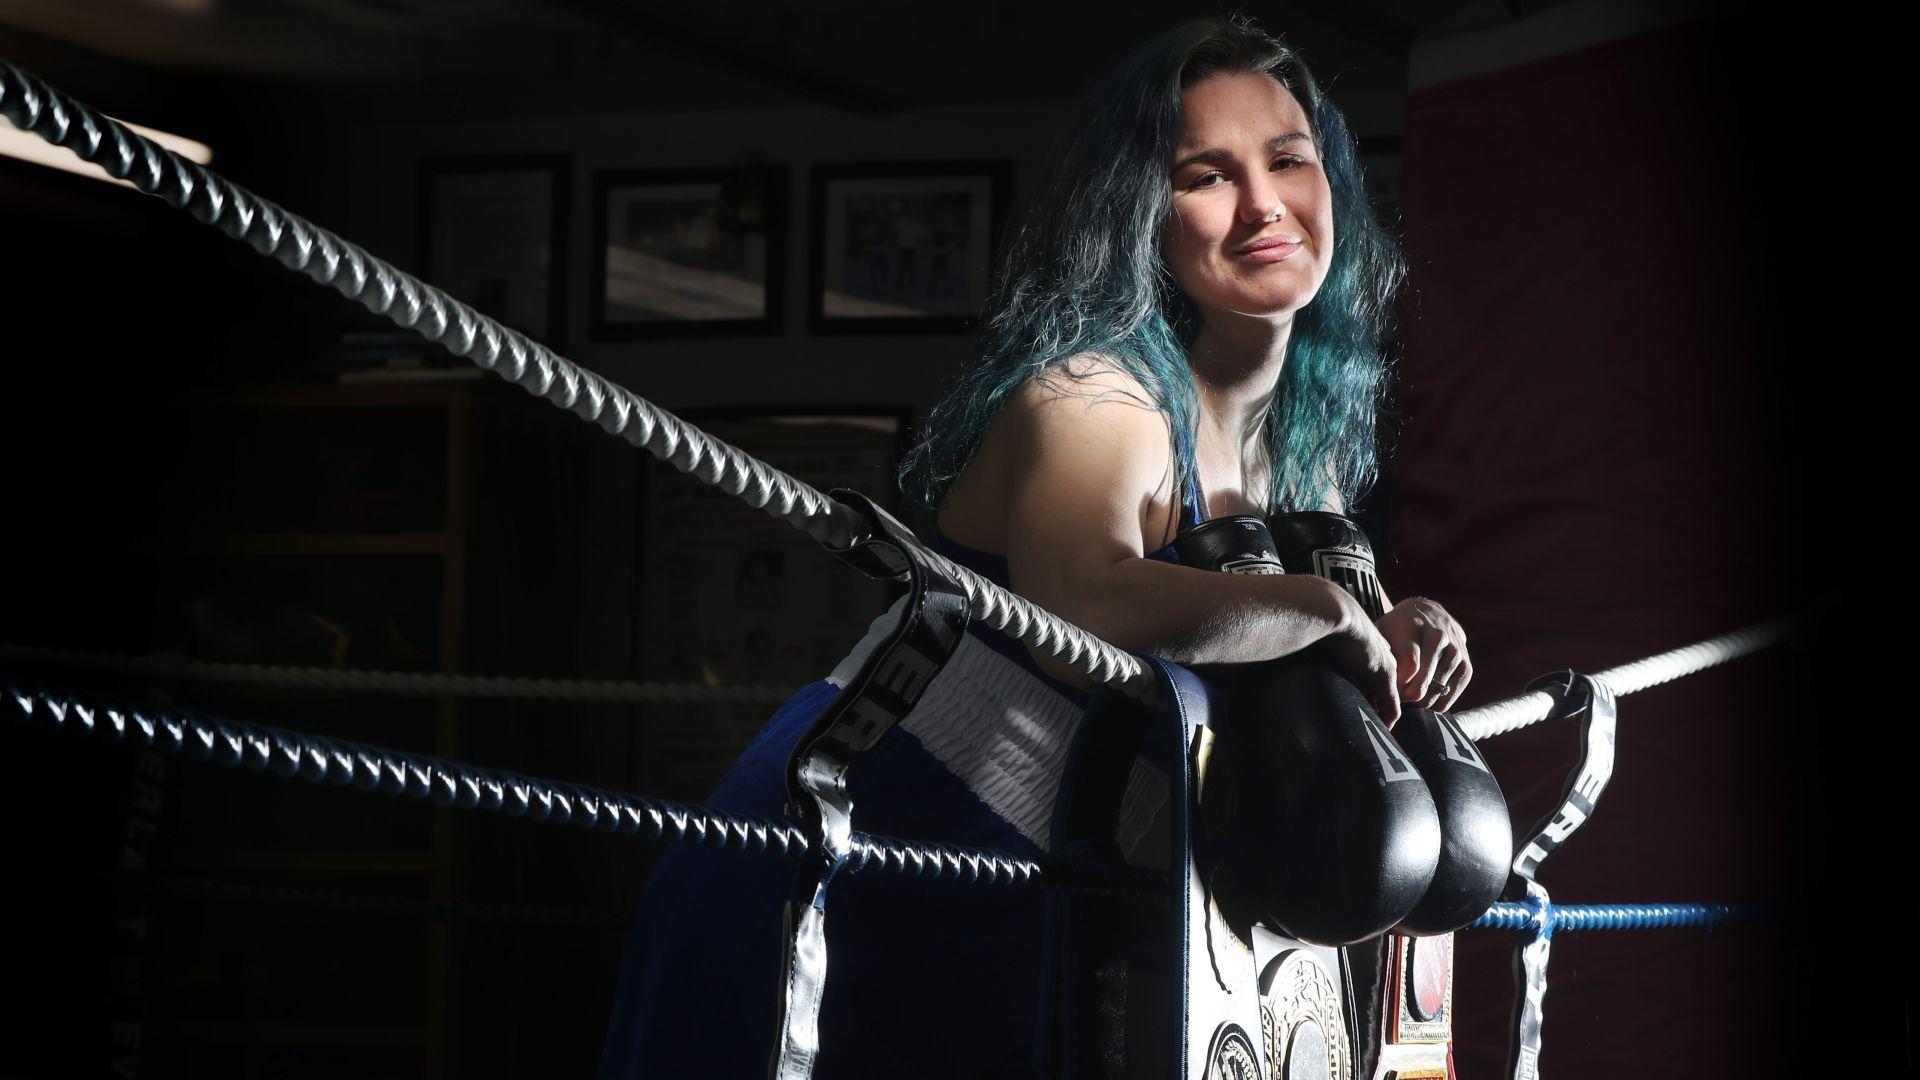 Sport Wallpaper Girls: Wallpaper Girl, Sports, Boxing, The Ring, Winner, Sport #11214